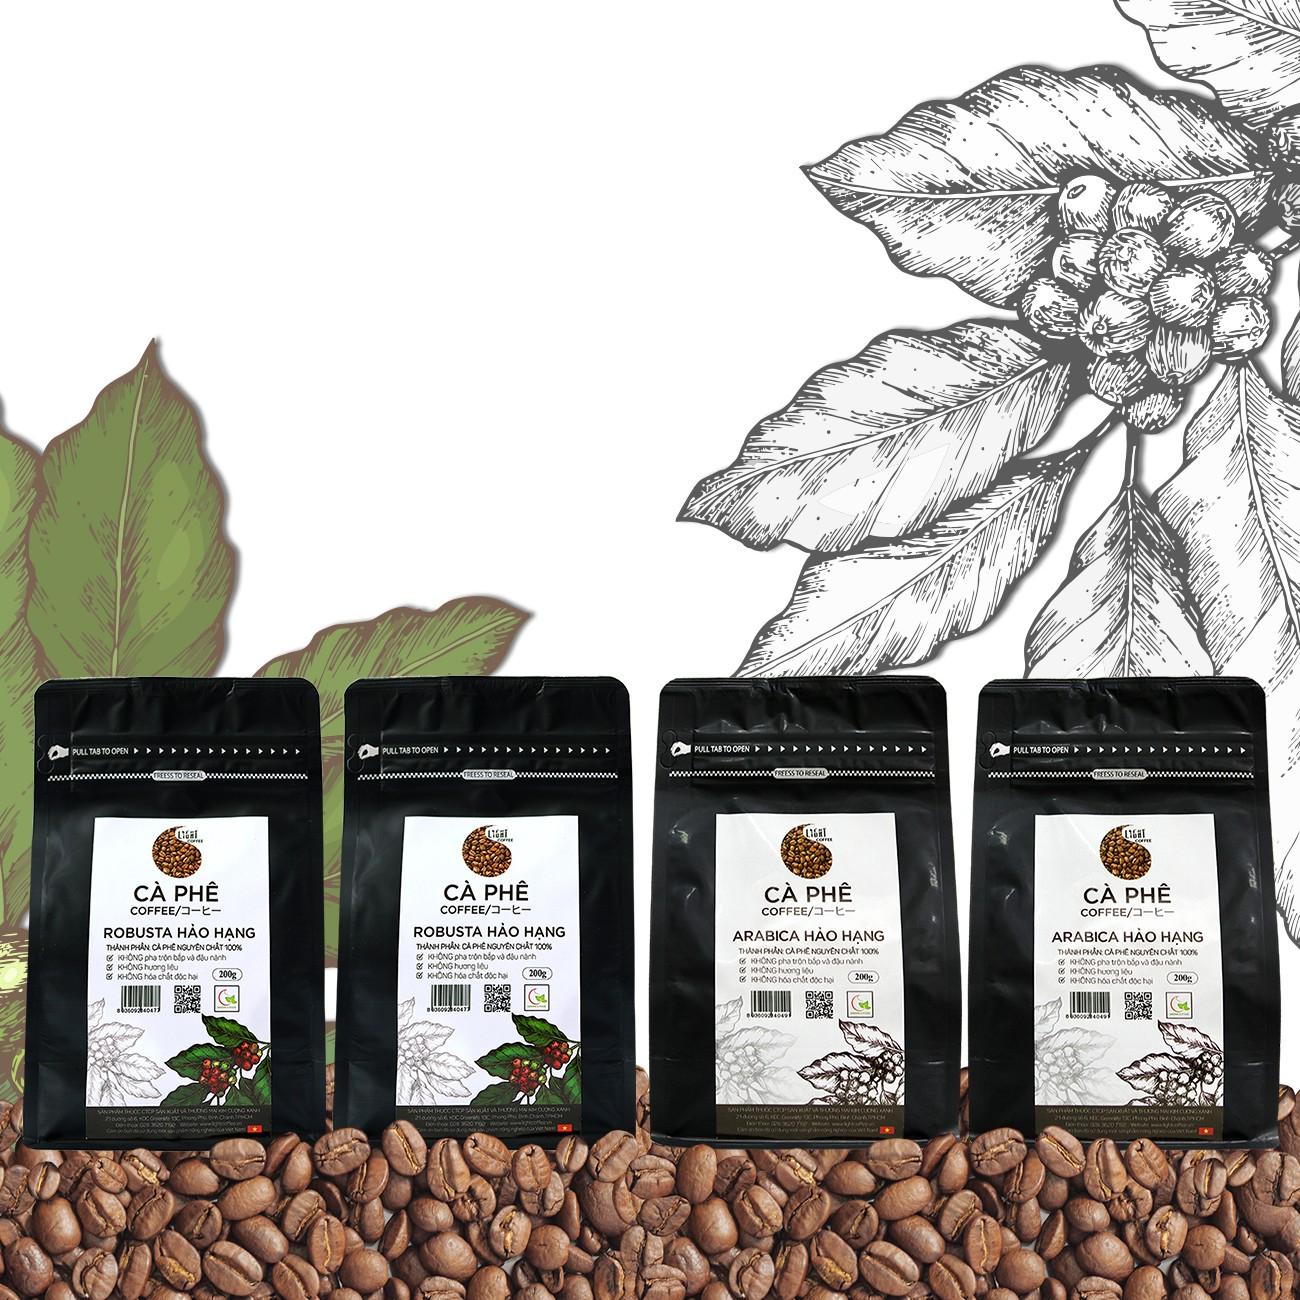 200gr/gói - 2 gói cà phê hạt nguyên chất 100% Robusta Hảo Hạng + 2 gói cà phê hạt nguyên chất 100% Arabica Hảo Hạng - Light coffee